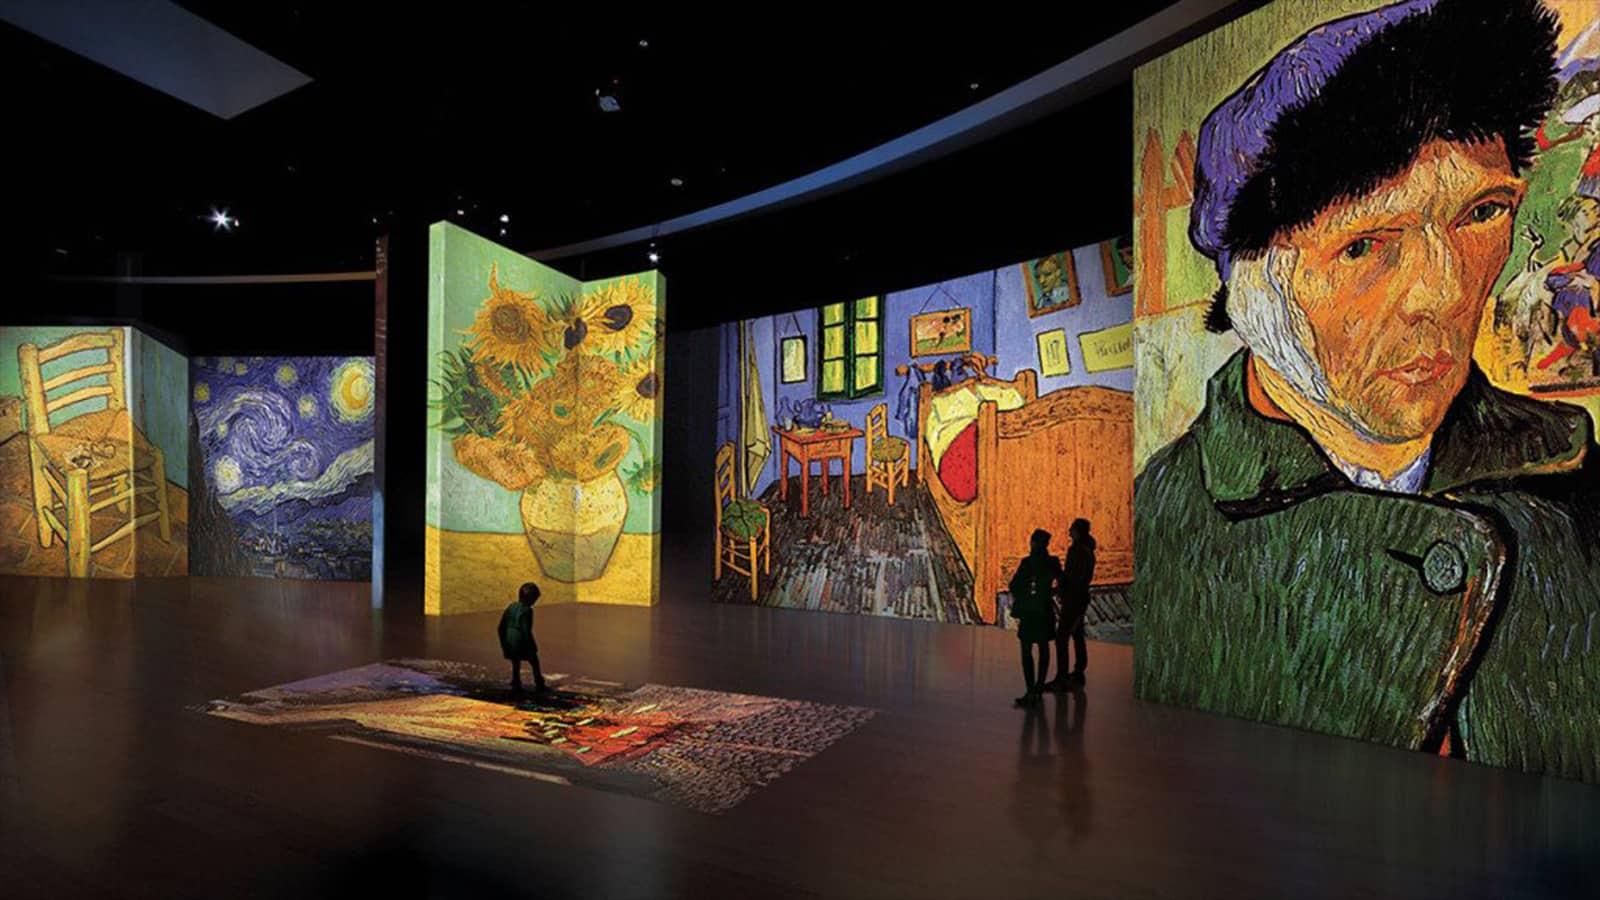 La muestra interactiva de Vincent Van Gogh llega a Estados Unidos mucho antes de lo esperado